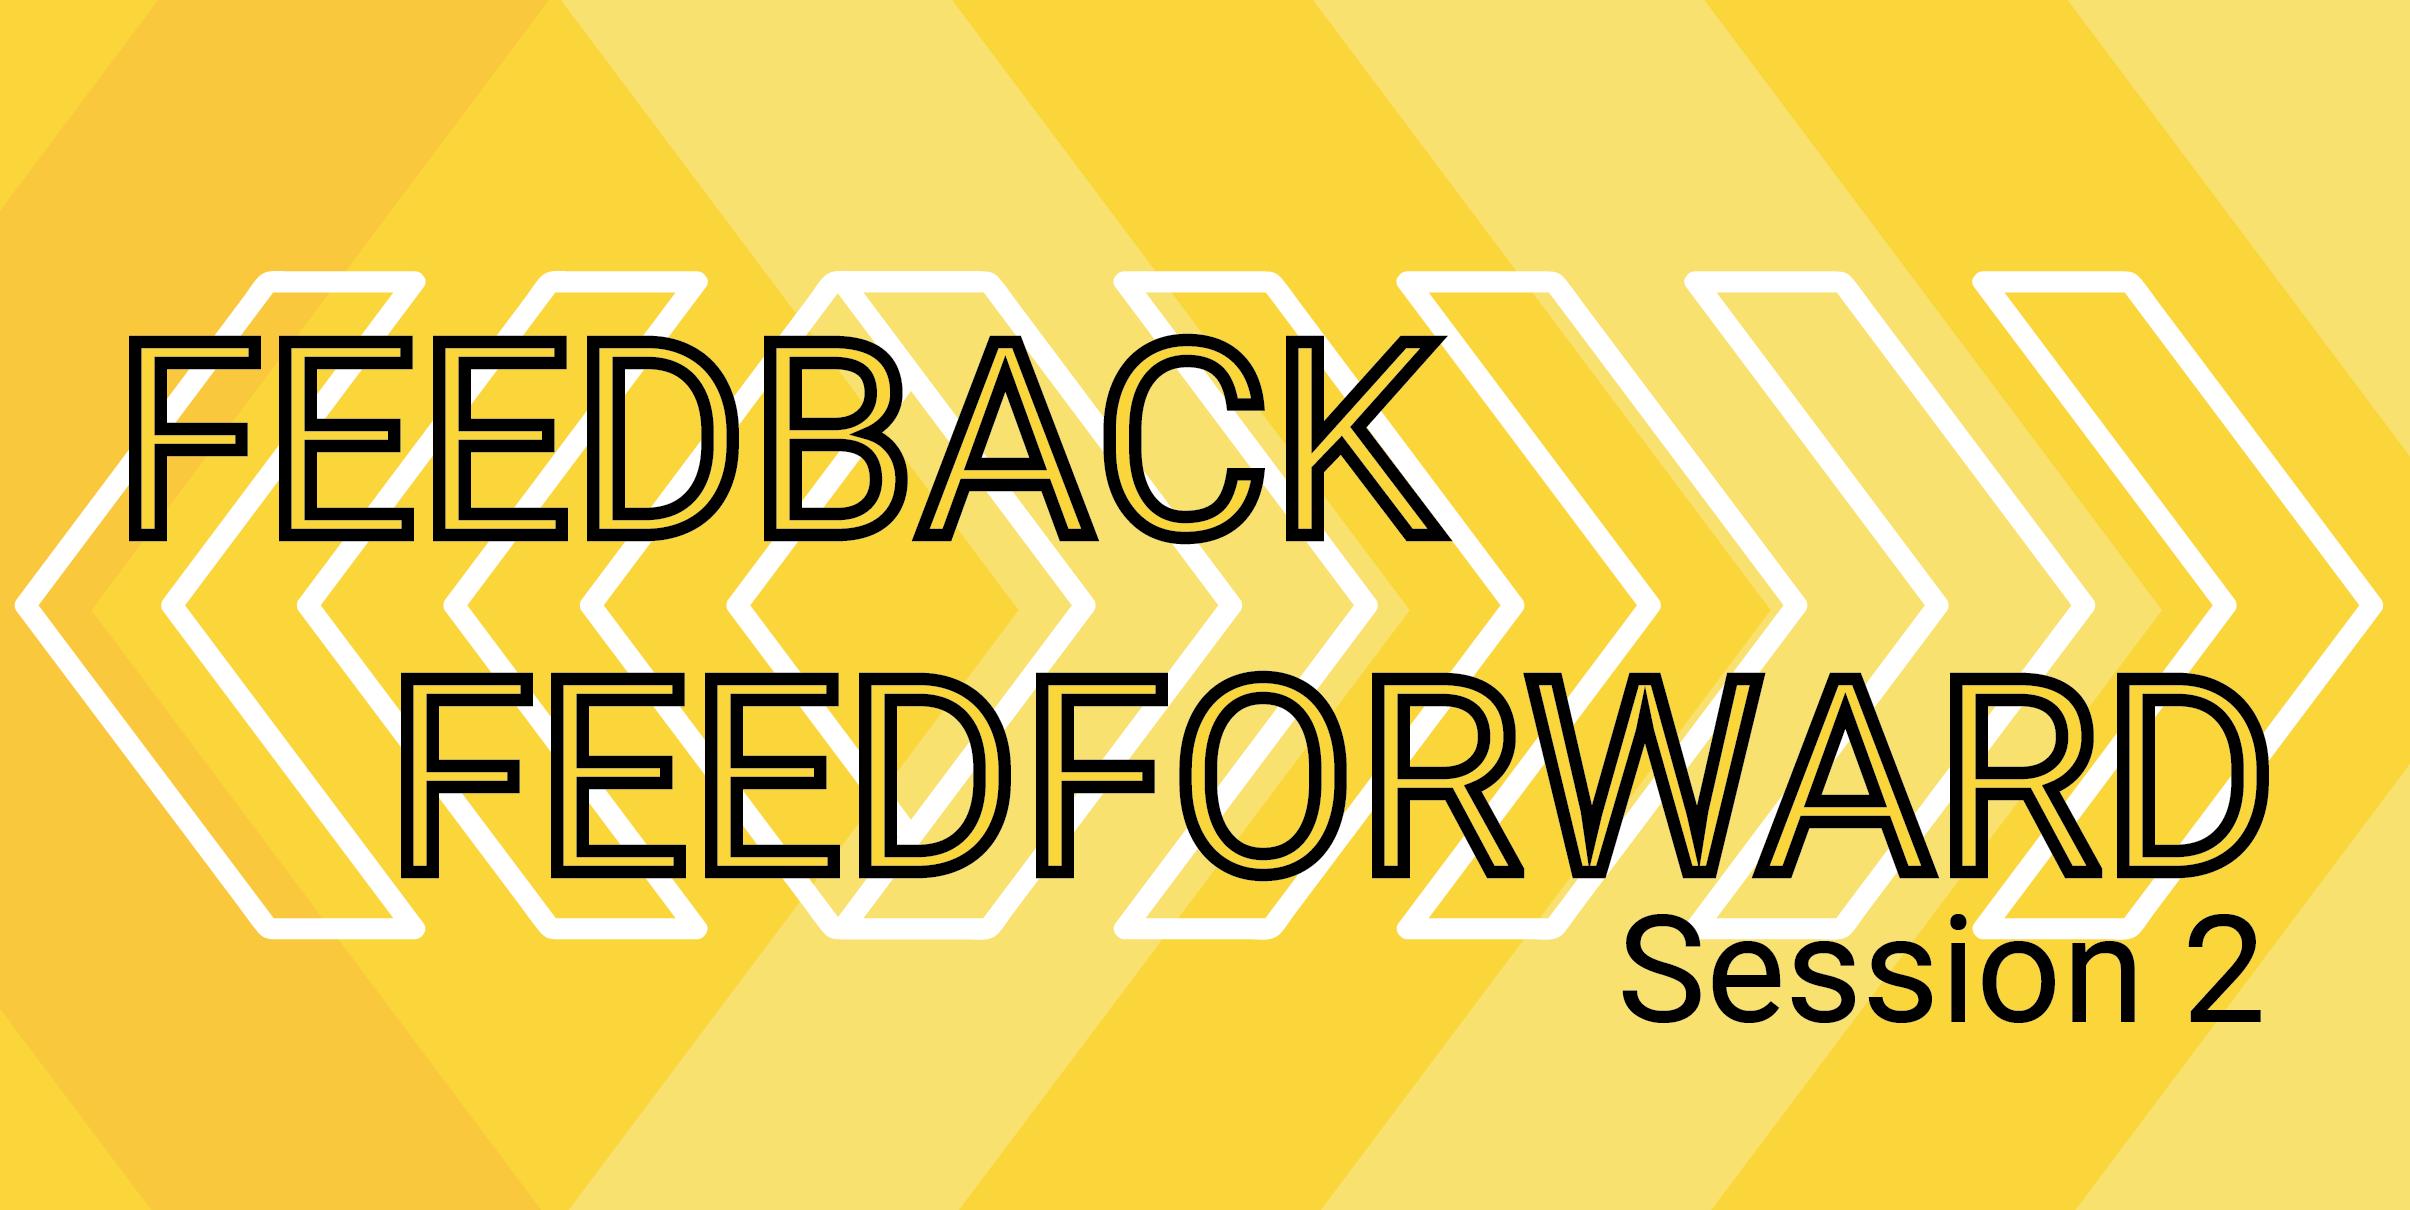 FbFf Session 2 website header-07.png